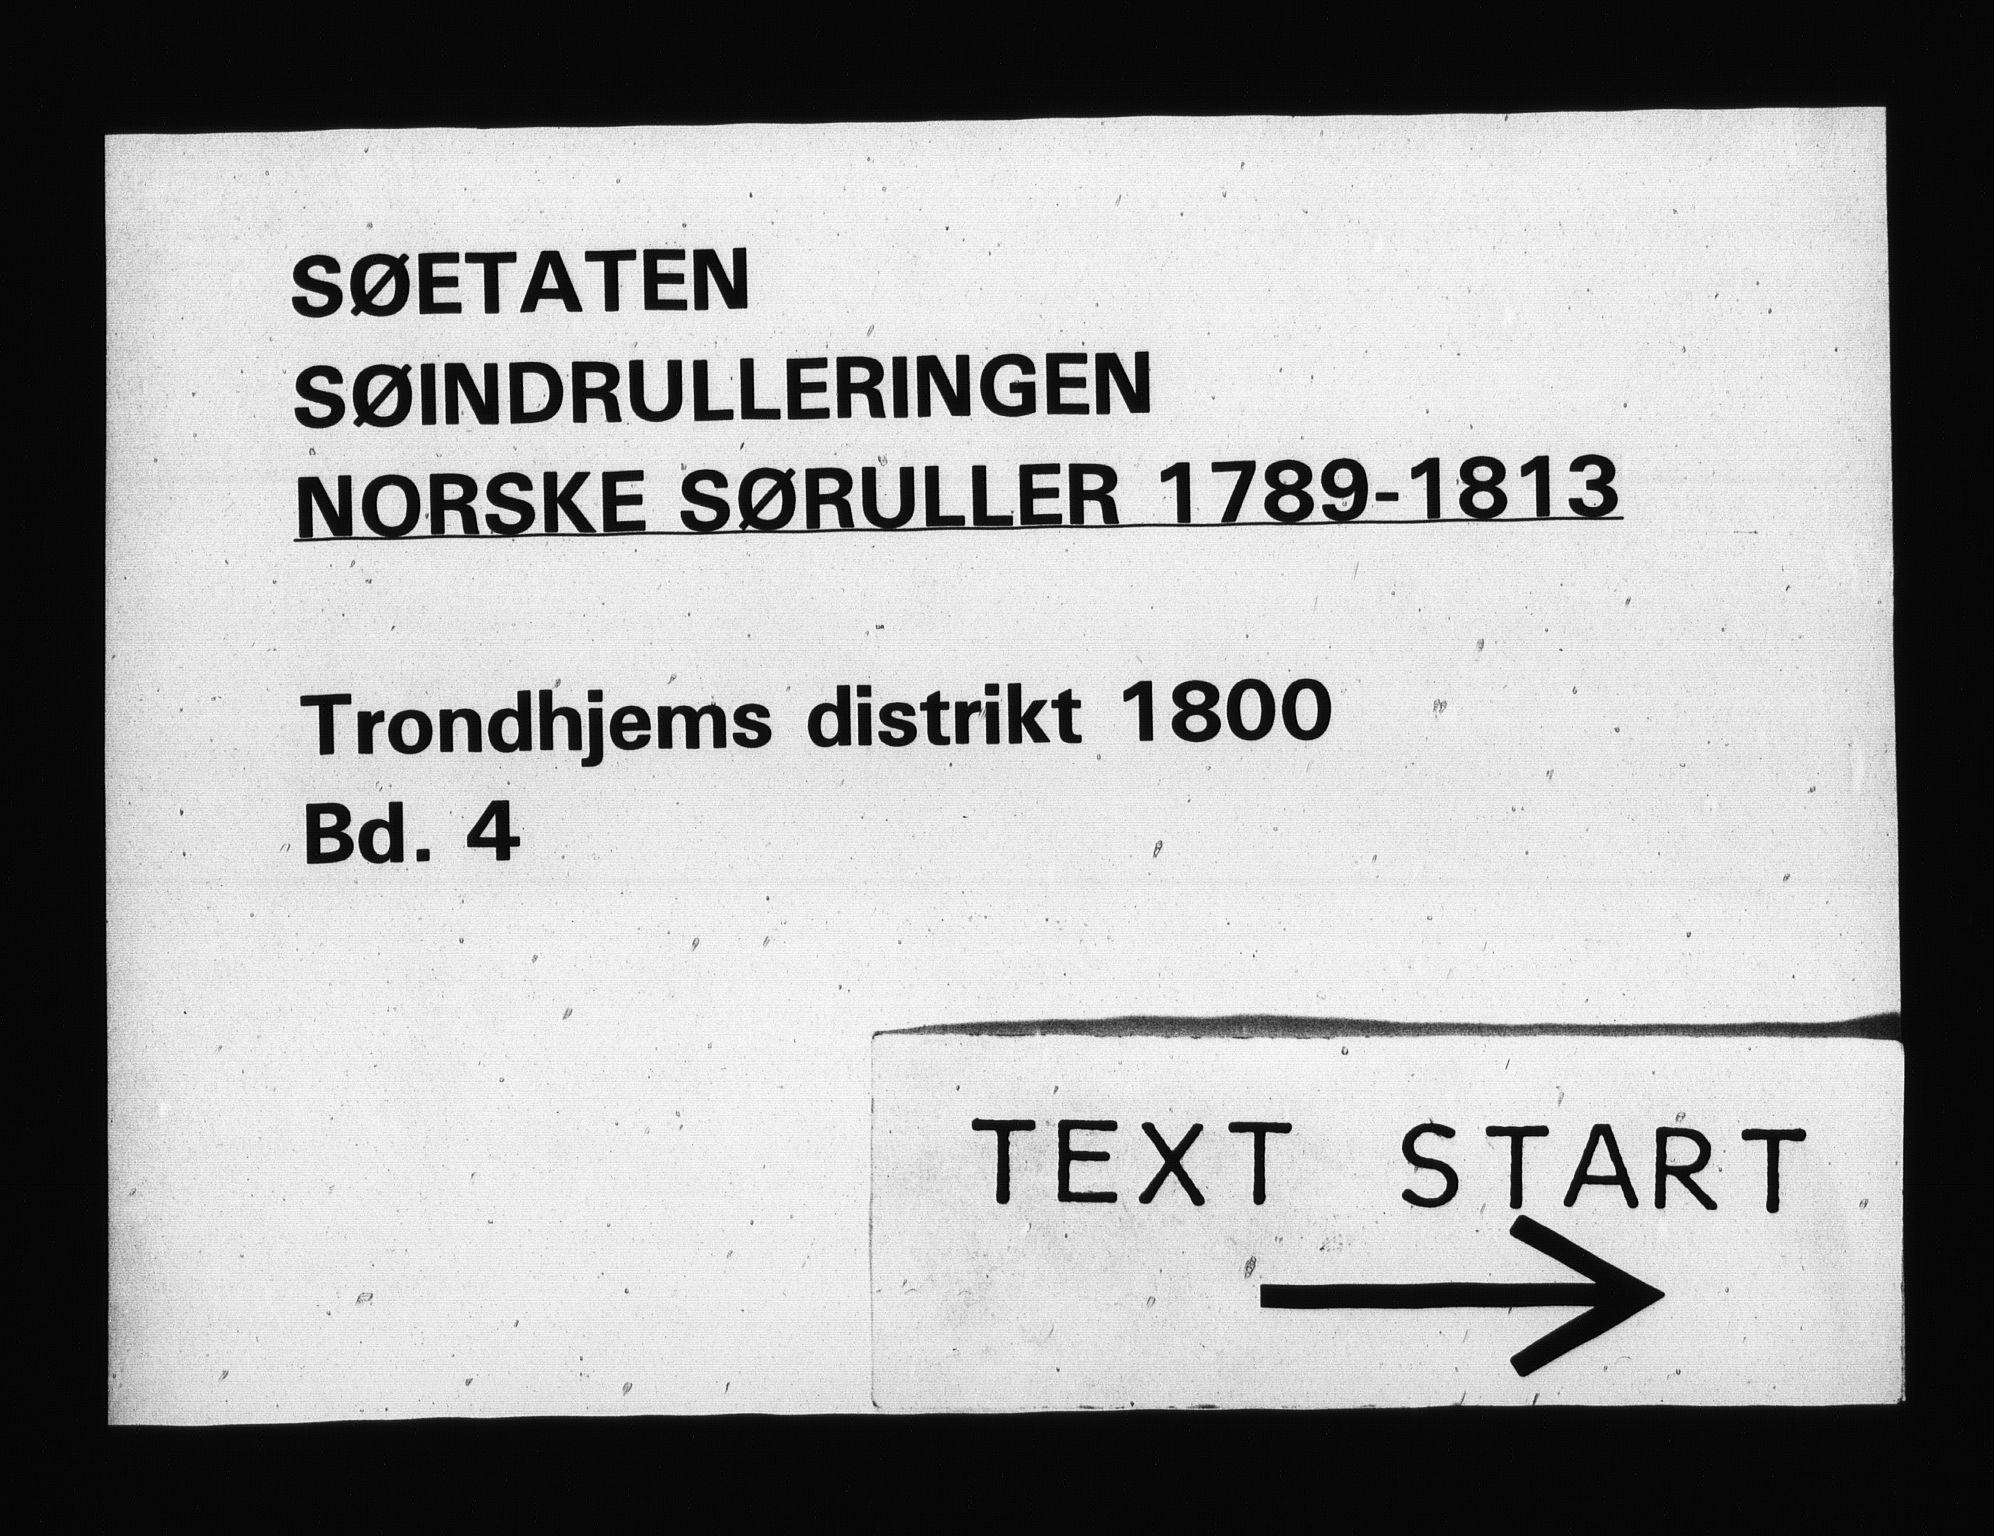 RA, Sjøetaten, F/L0321: Trondheim distrikt, bind 4, 1800